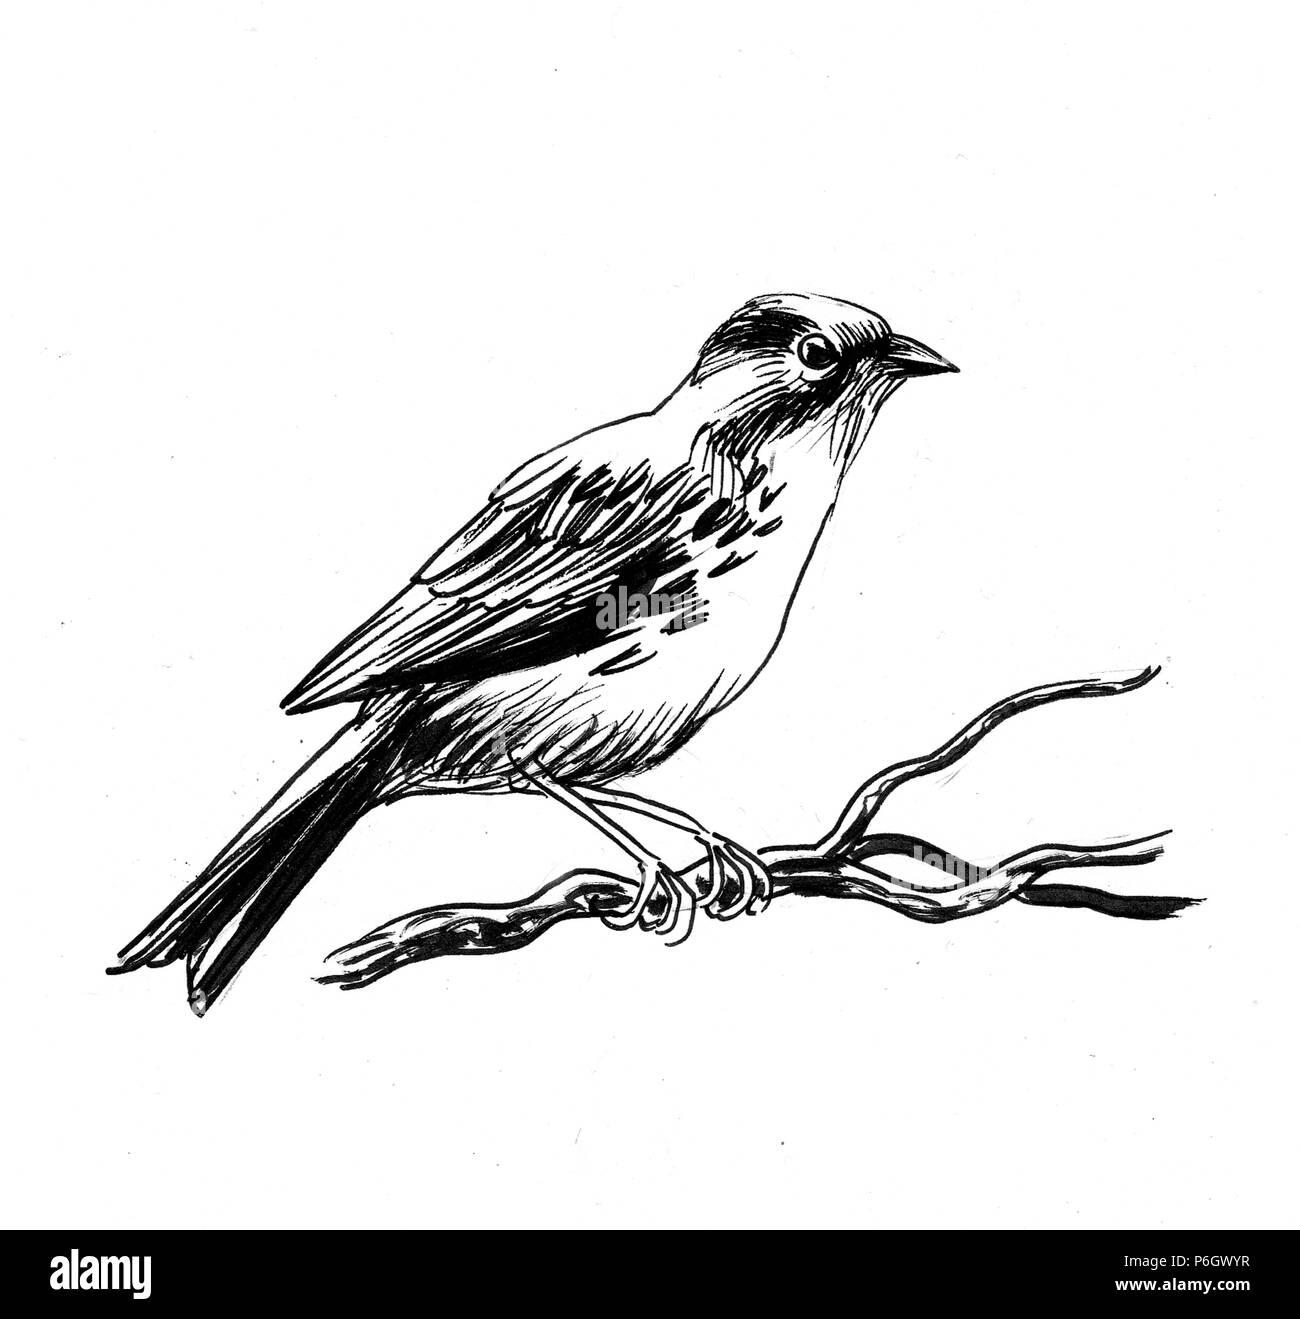 Sparrow Oiseau Posé Sur Une Branche D Arbre Illustration